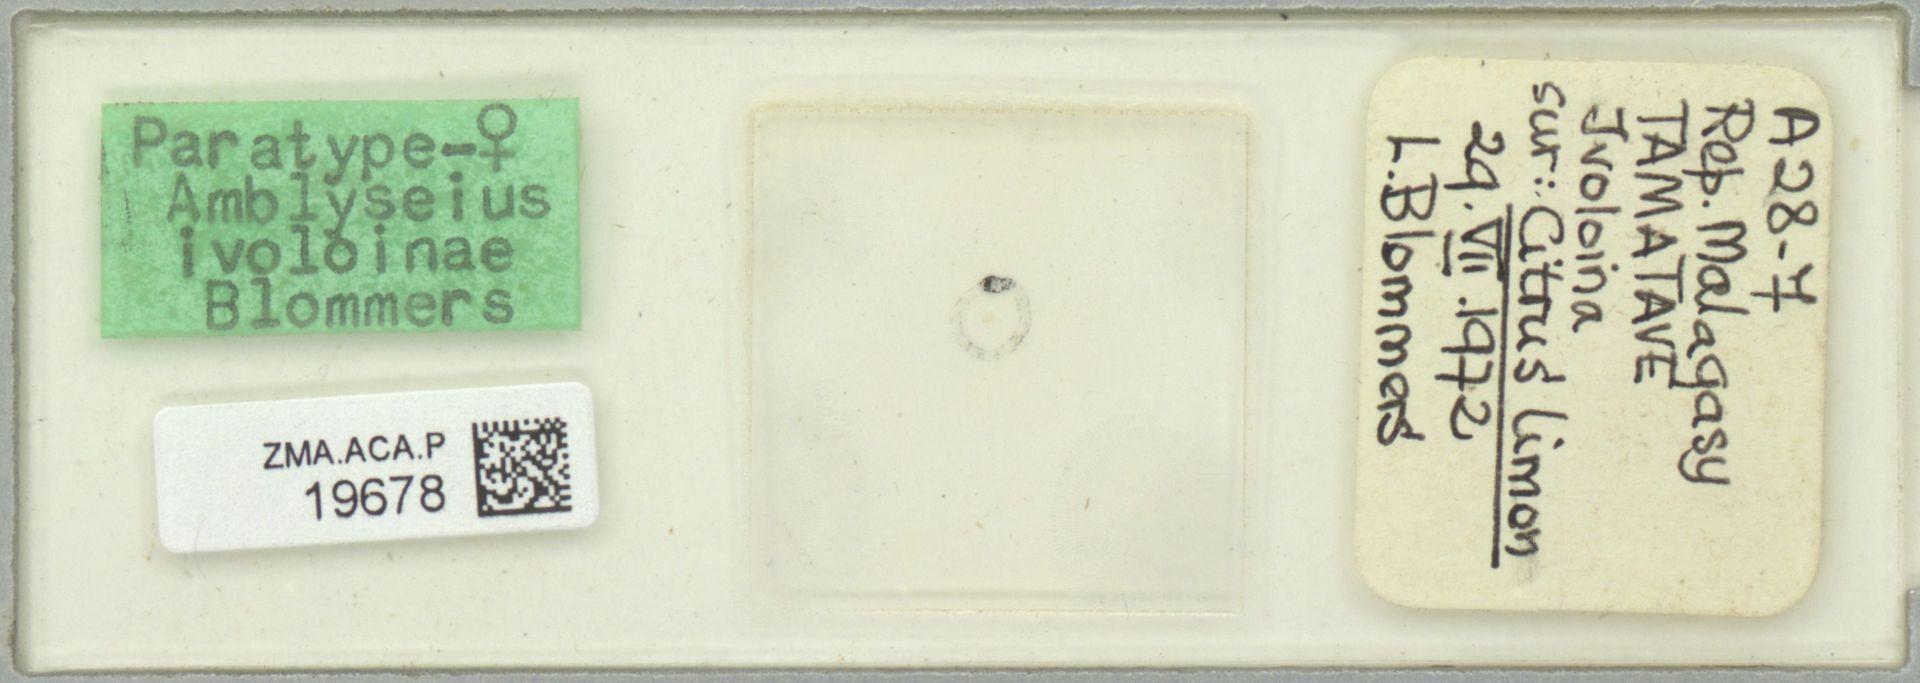 ZMA.ACA.P.19678 | Amblyseius ivoloinae Blommers